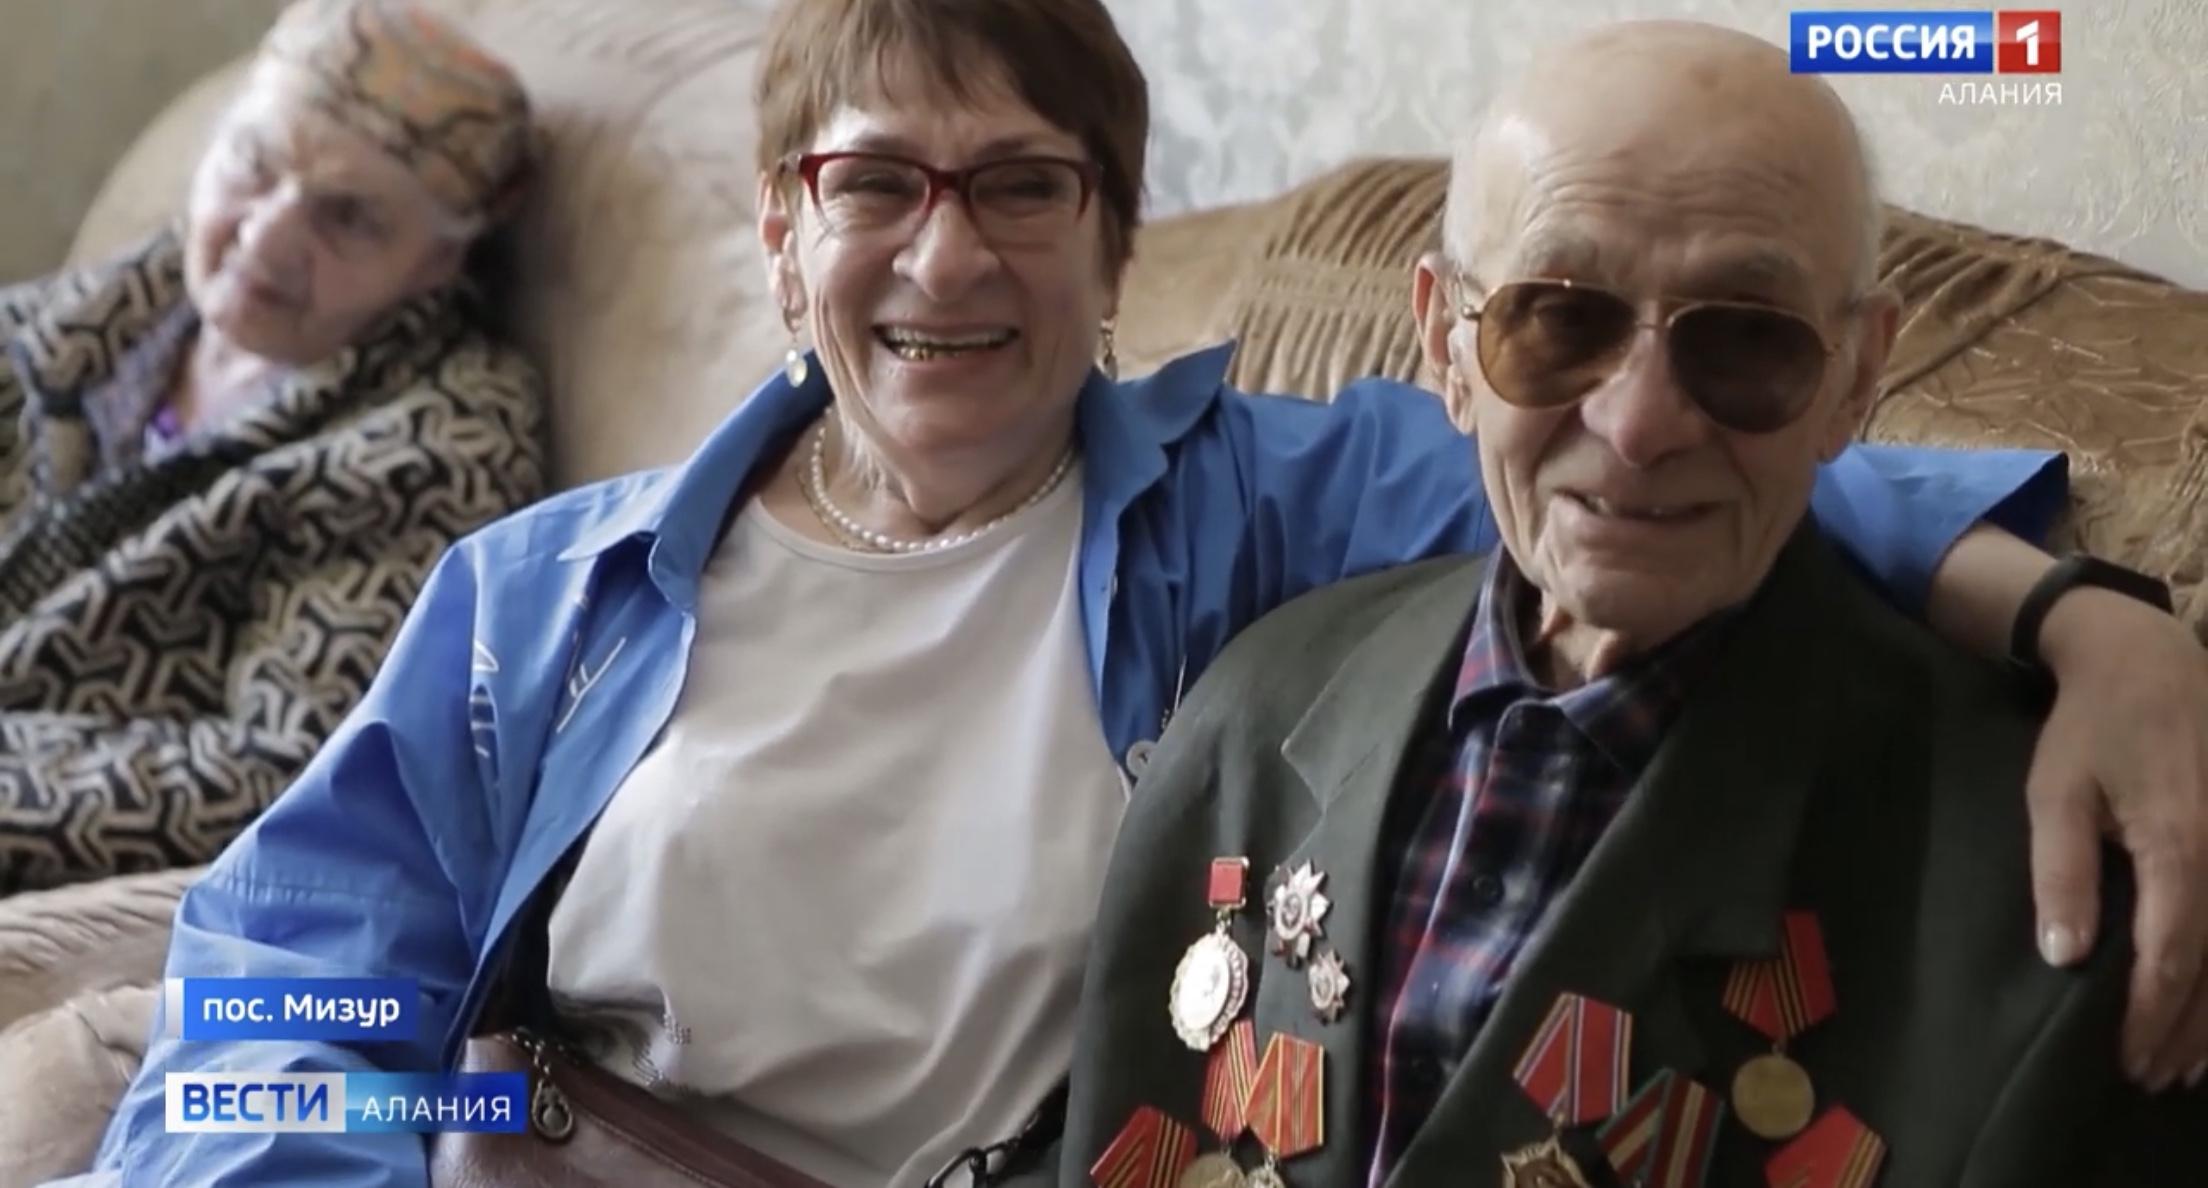 Ветеран Великой Отечественной войны из Мизура спустя много лет встретился с дочерью